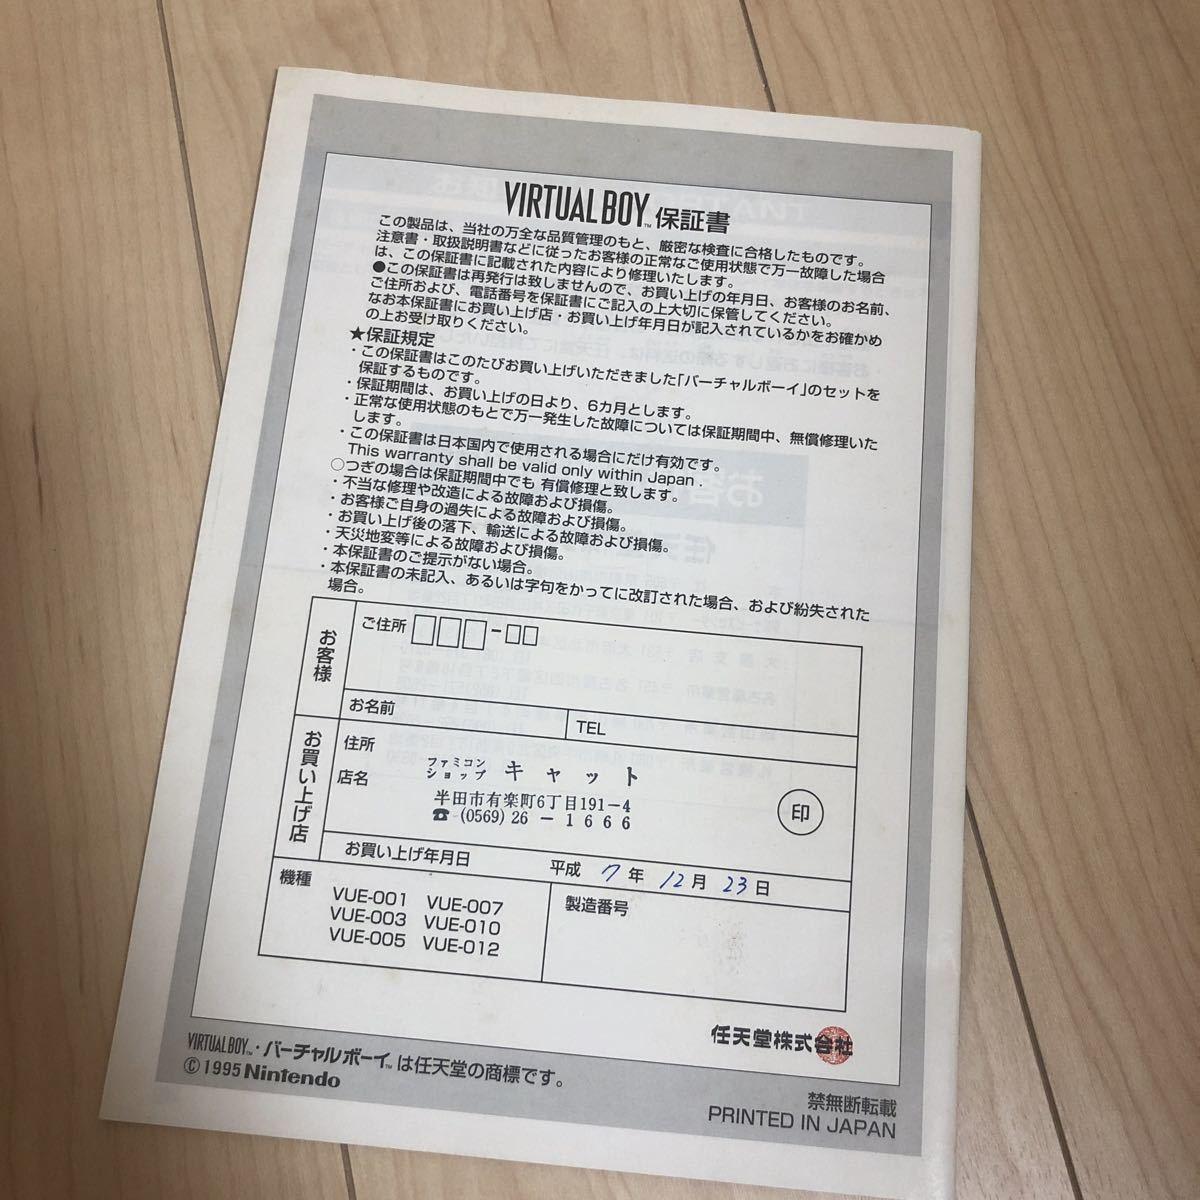 ☆M バーチャルボーイ 任天堂 VIRTUAL BOY Nintendo ジャンク 動作未確認 ソフト 一個付き ACアダプタ タップ付き_画像7